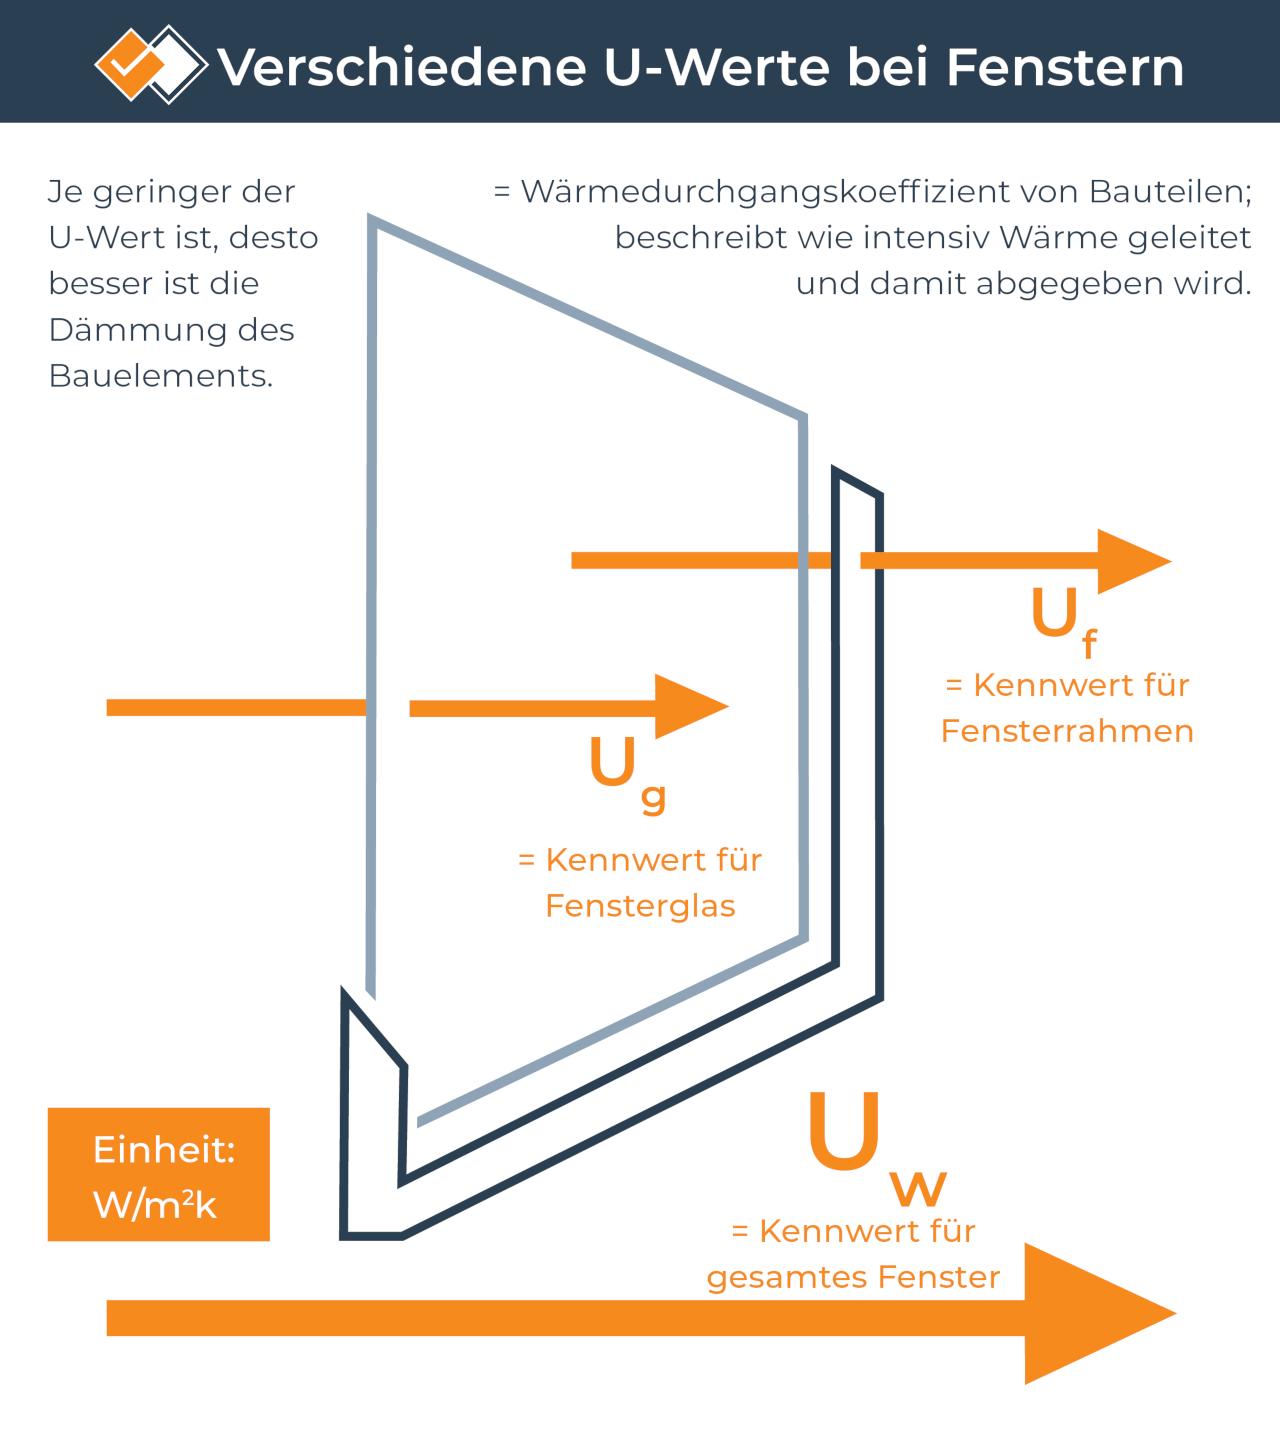 Infografik zum U-Wert bei Fenstern